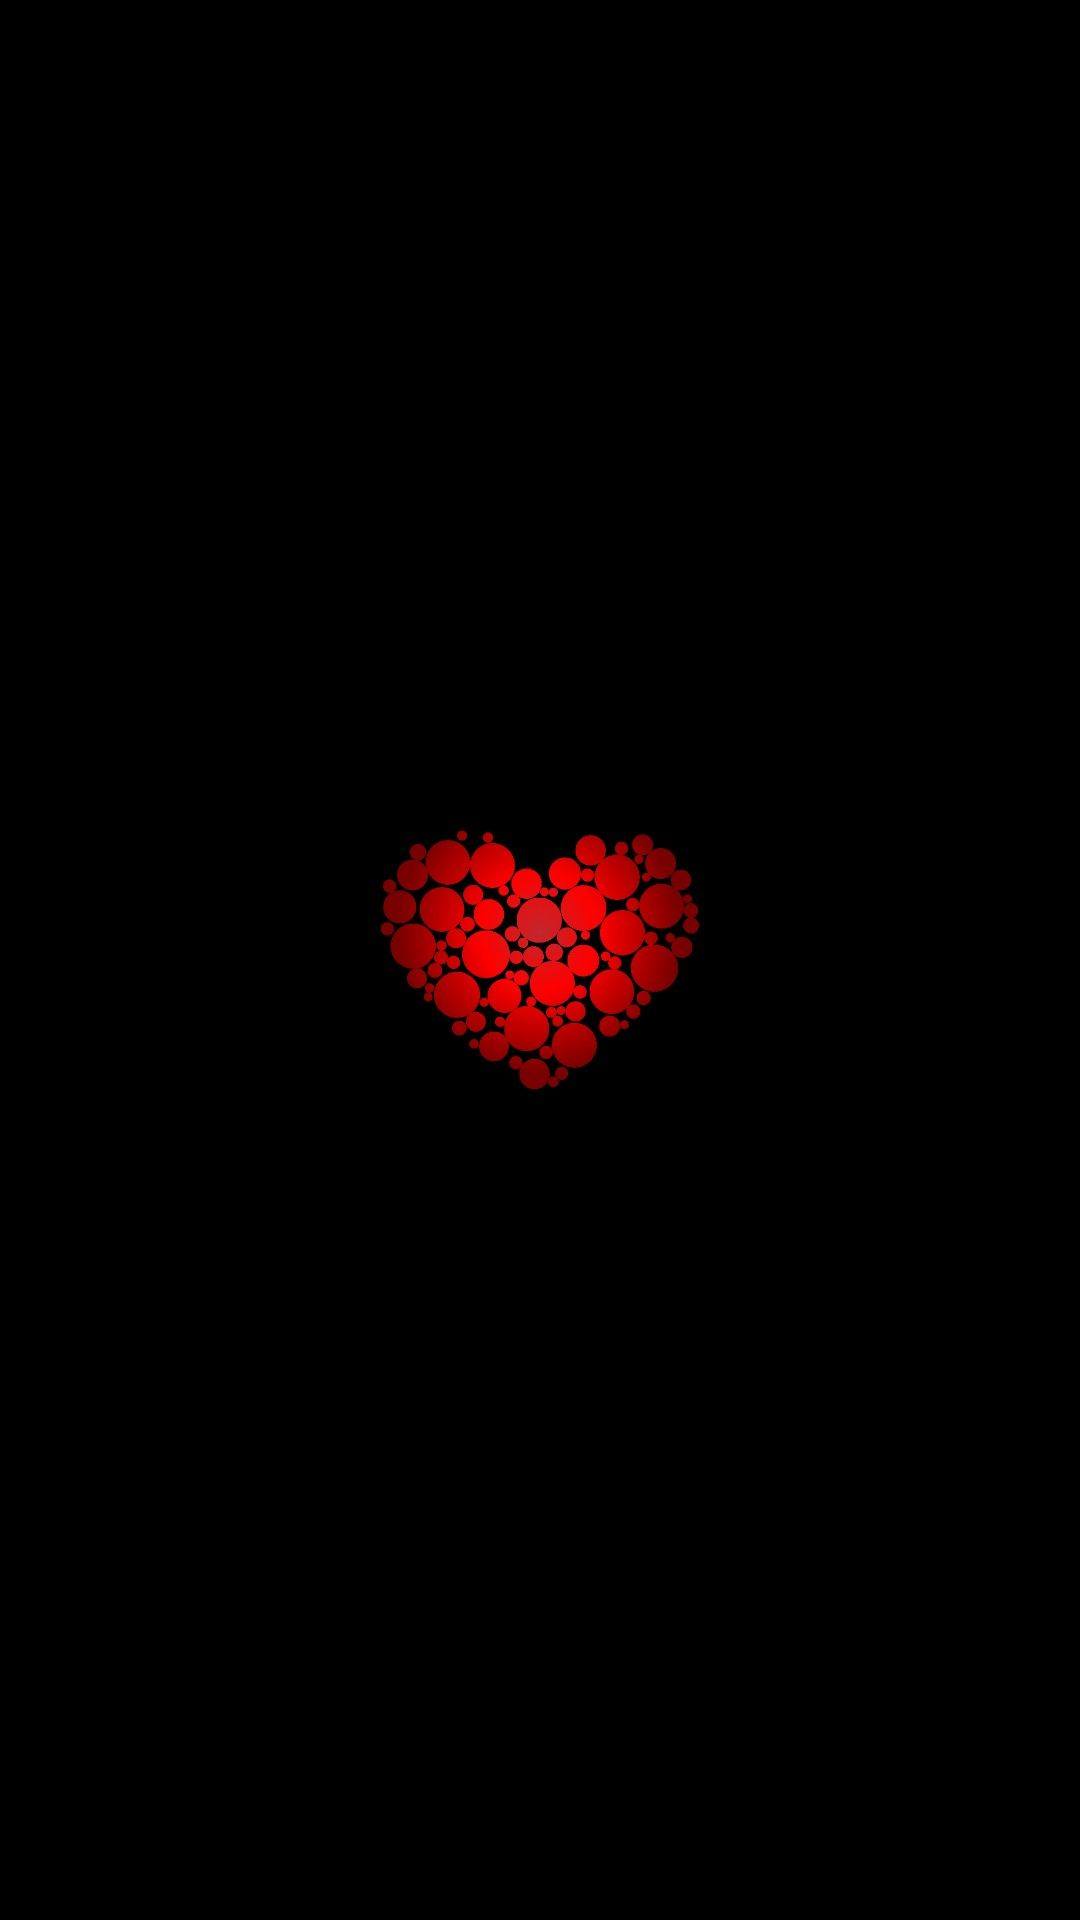 Heart 1080p Mobile Wallpaper Hart Wallpaper Wallpaper Heart Phone Wallpaper